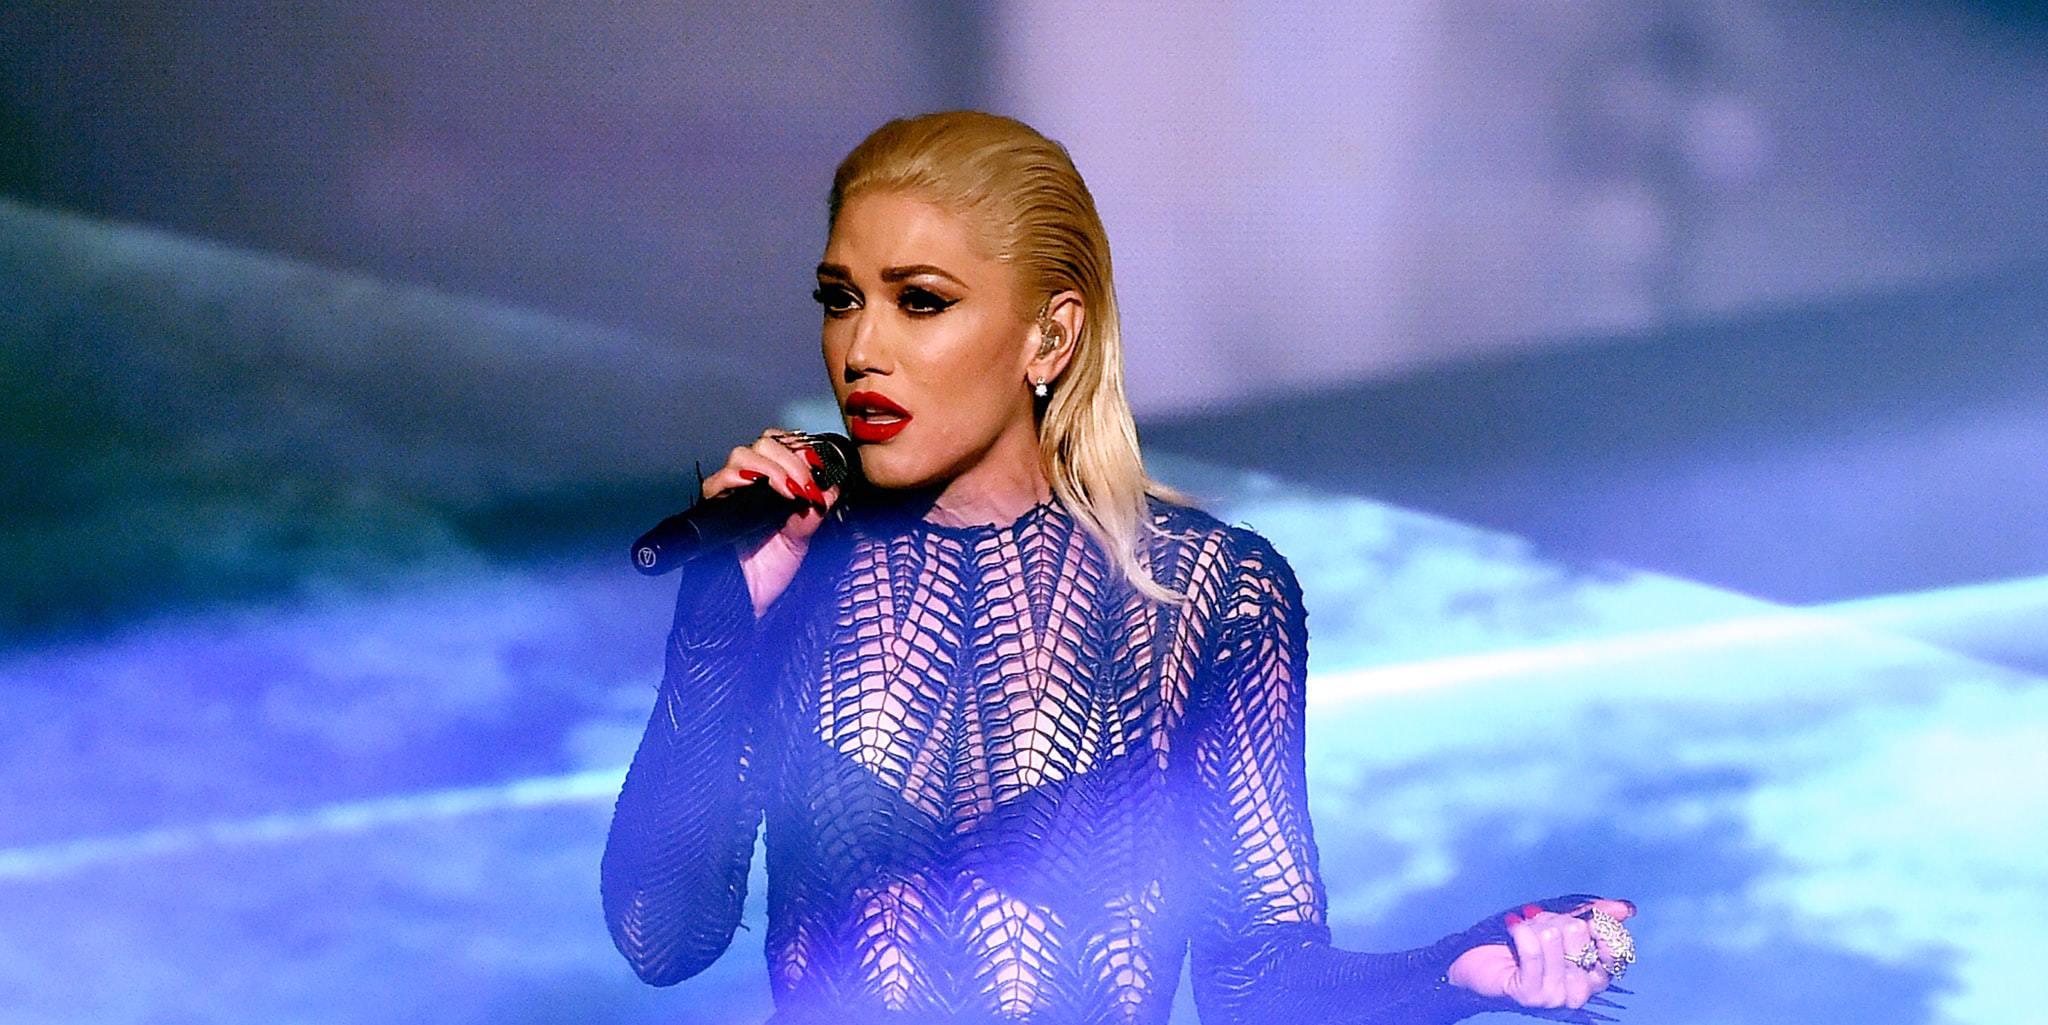 Gwen Stefani Free Hd Wallpapers